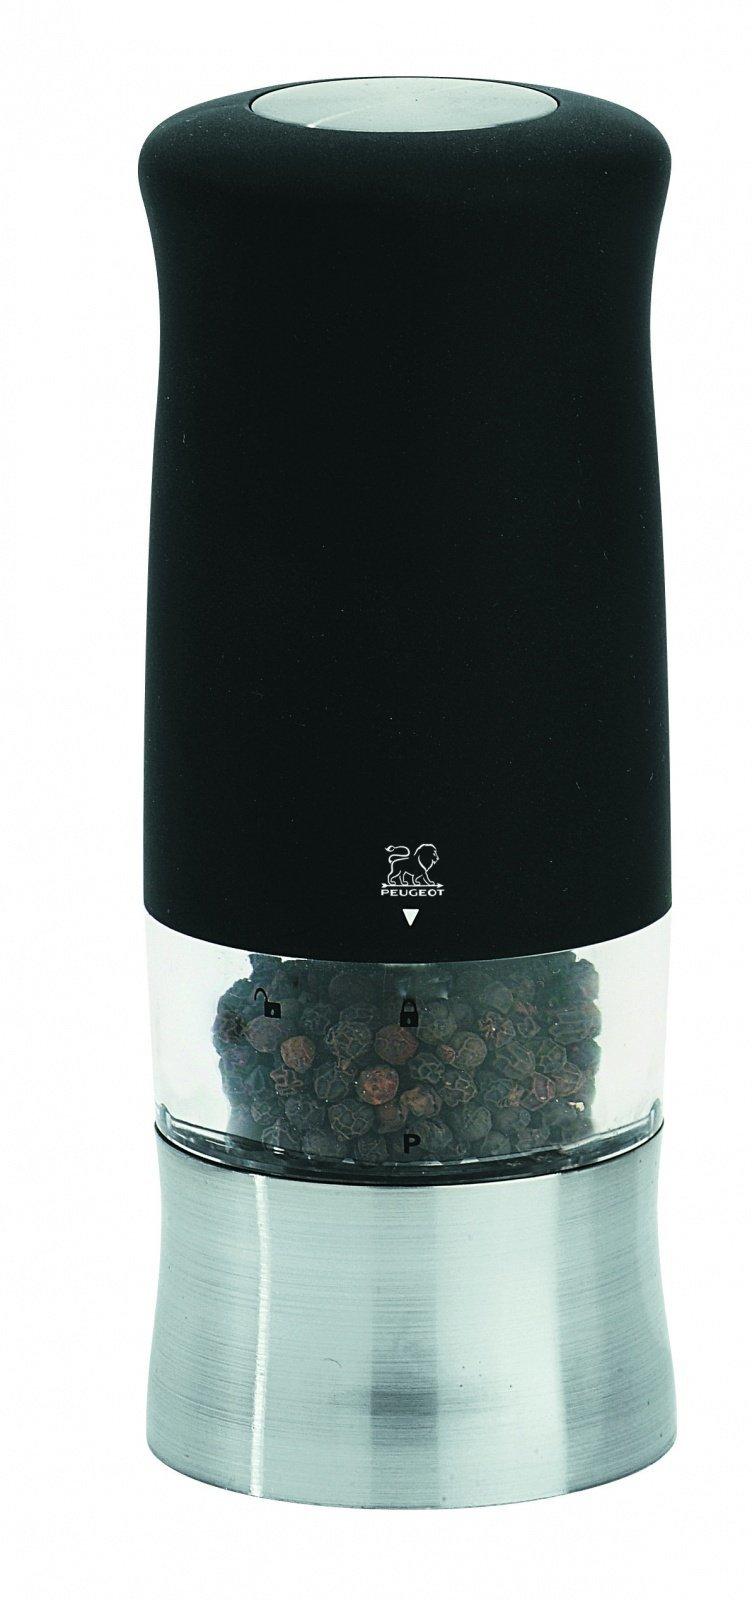 Мельница Peugeot Zphir для перца, 14 см, софт тач чёрный, на батарейках 22563